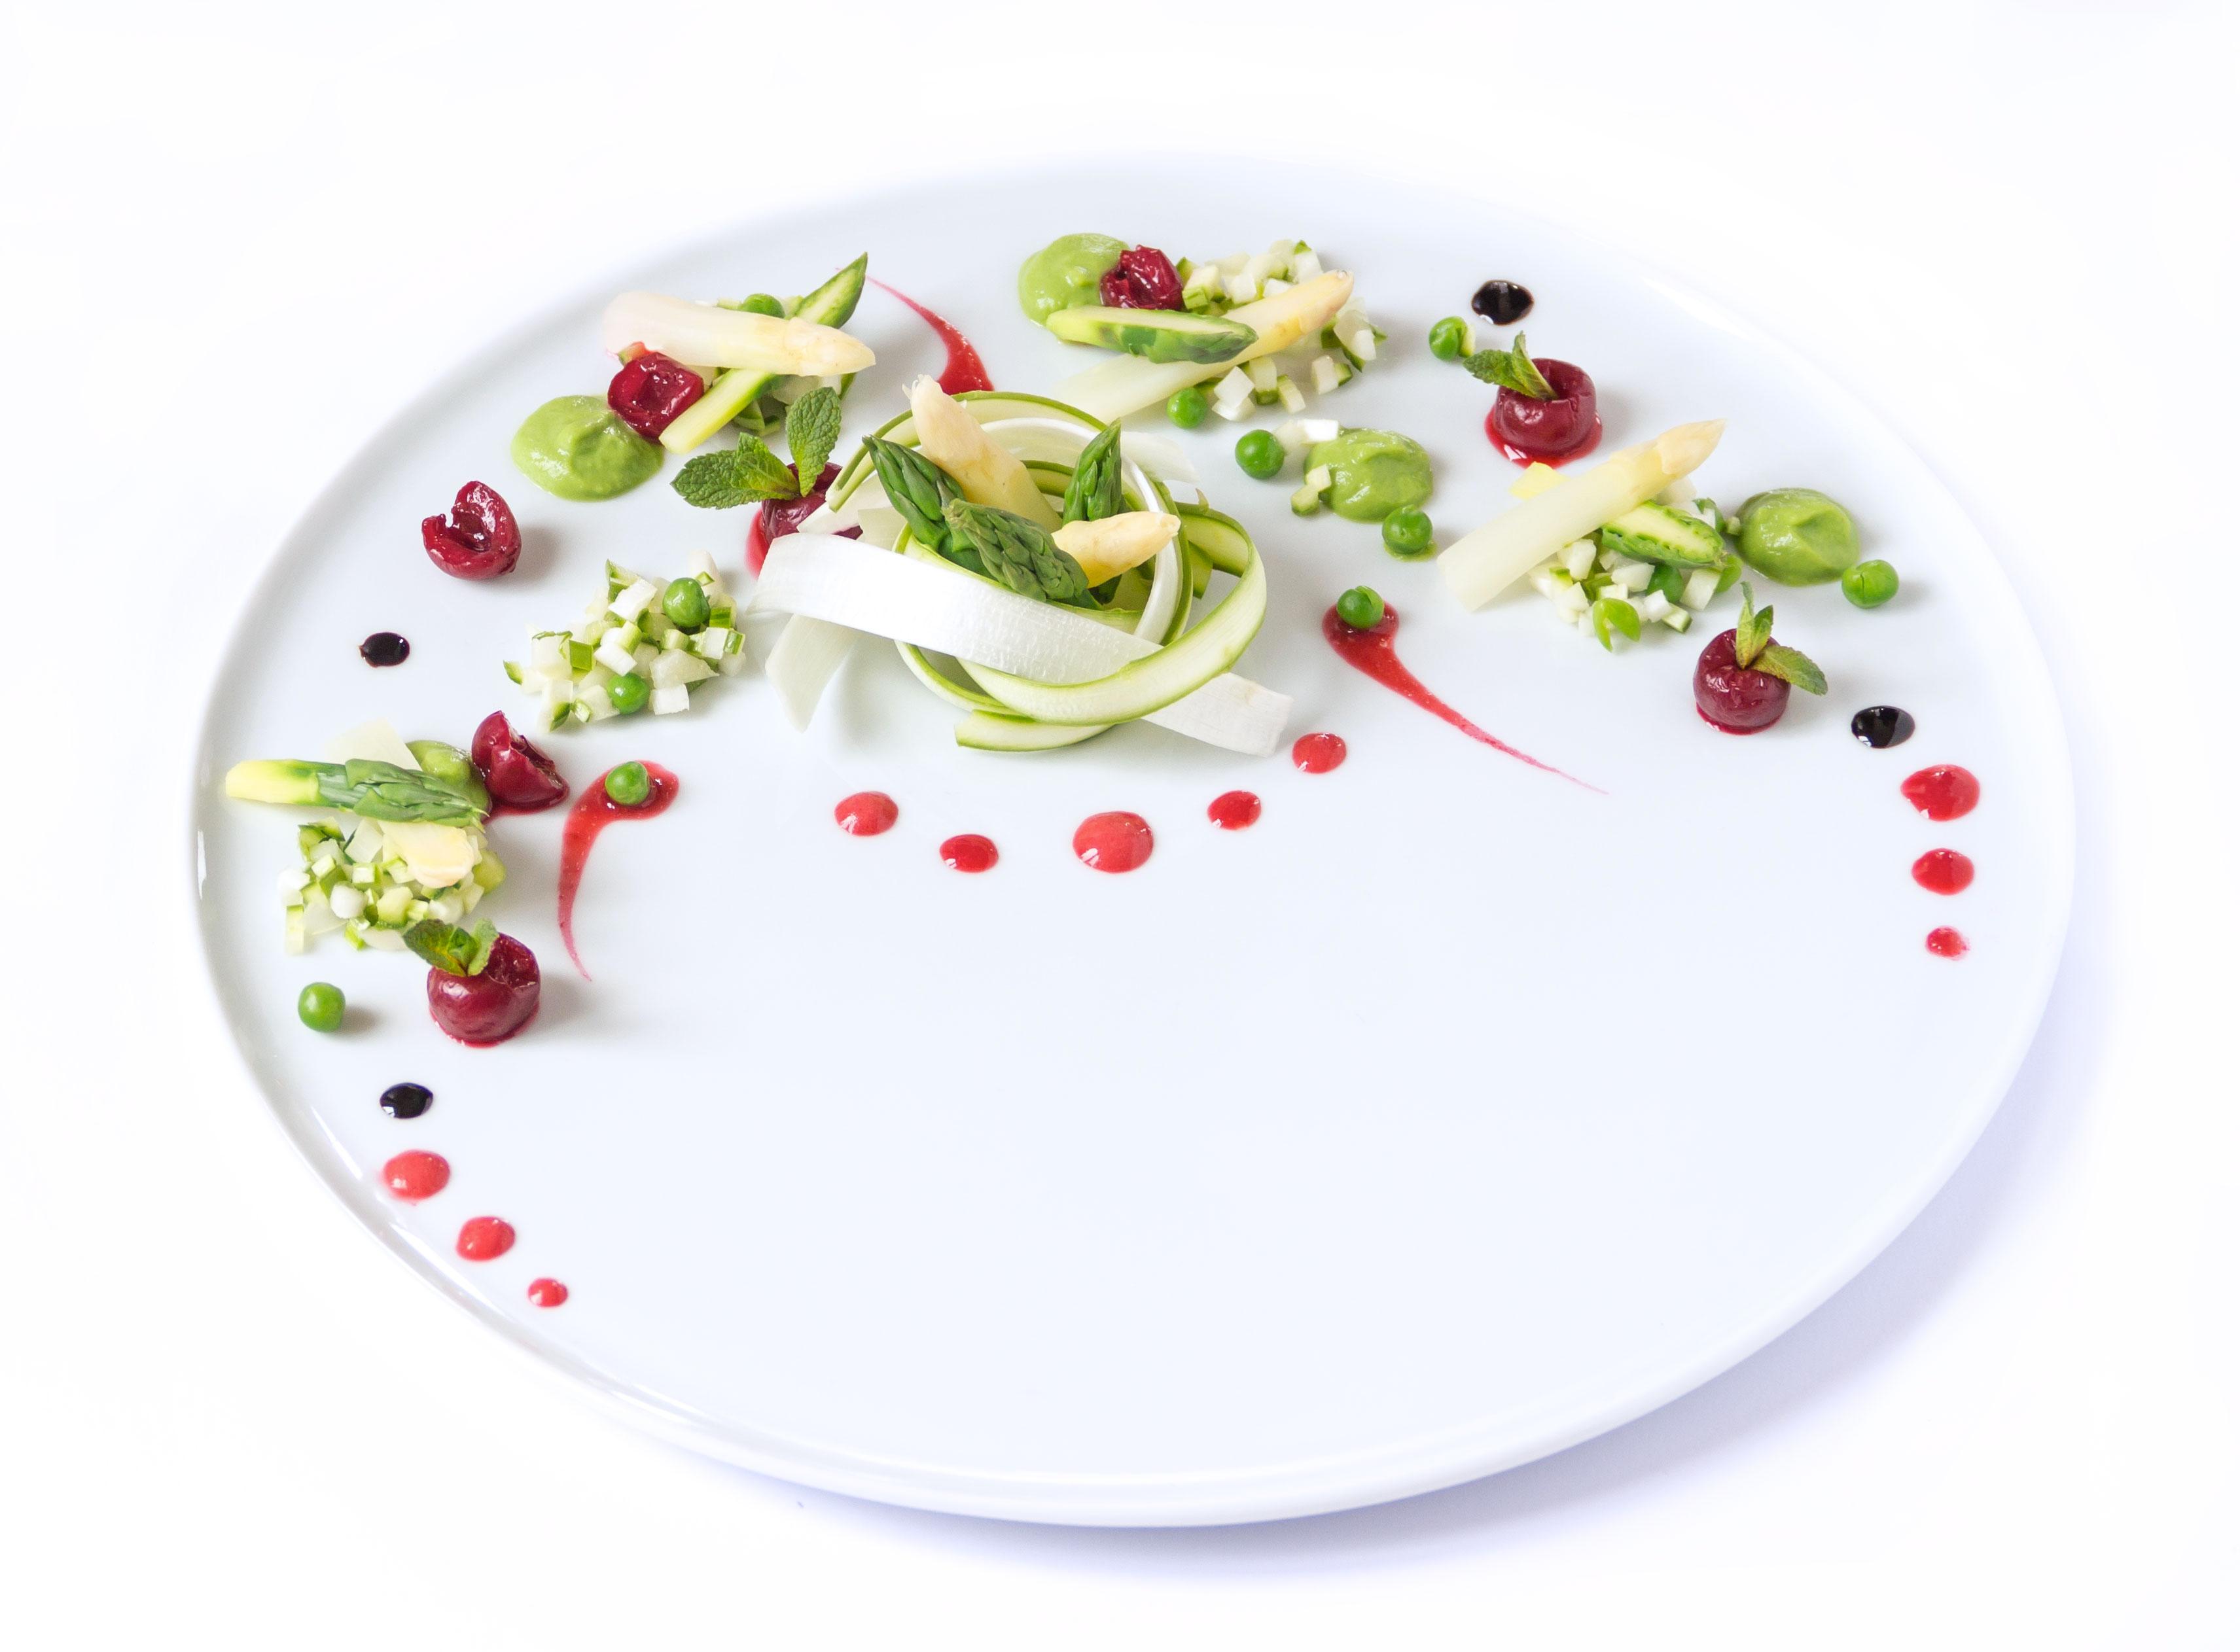 insalata di asparagi verdi e bianchi con ciliegie, crema di piselli e riduzione di aceto balsamico #vegan #senzaglutine